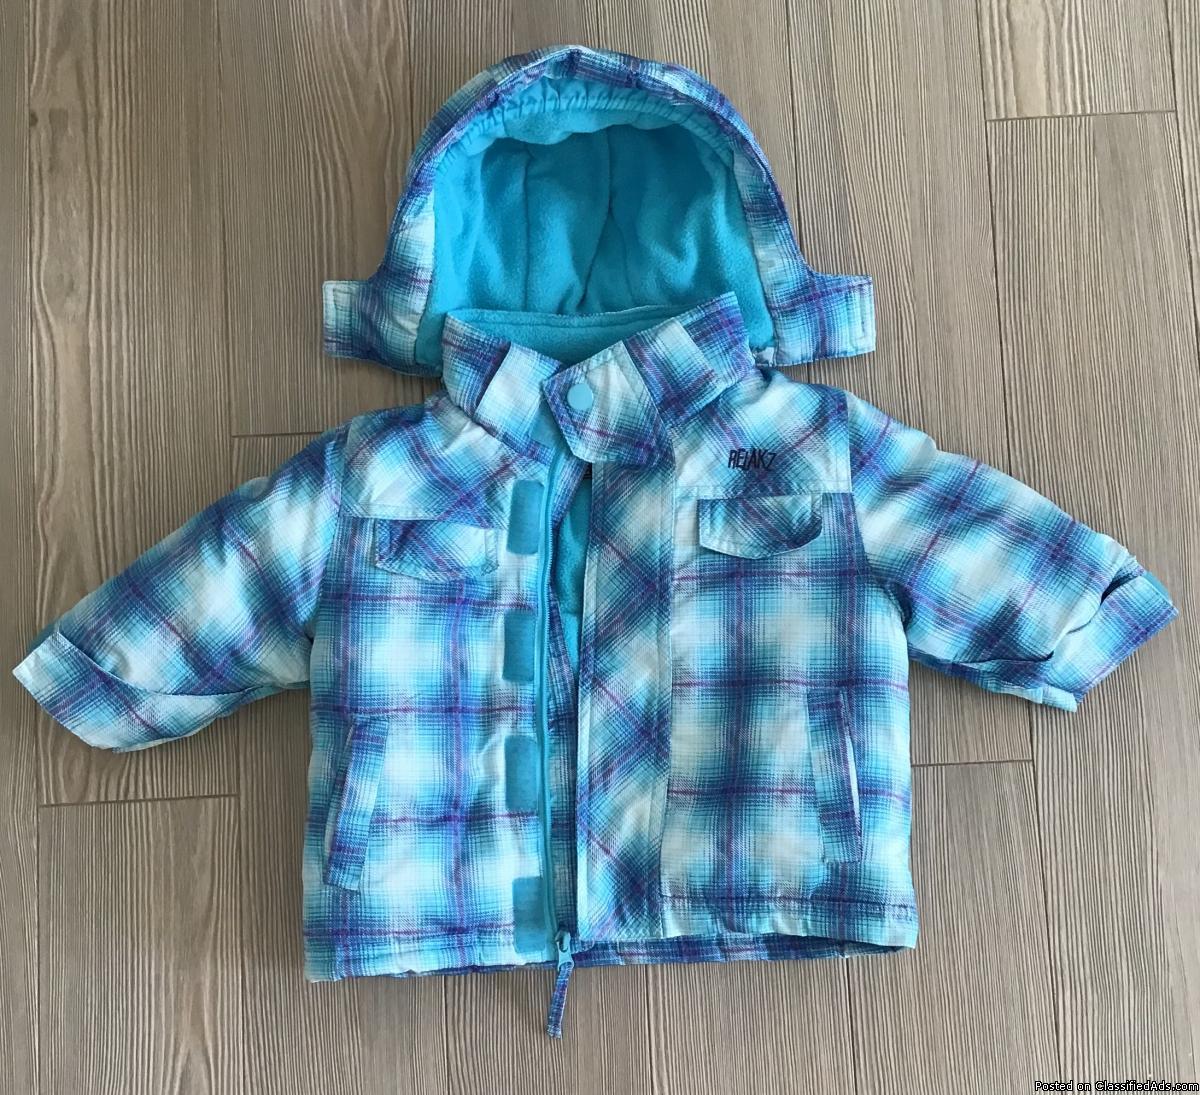 Vêtement pour bébé garçon 6-12 mois.Veste d'hiver /